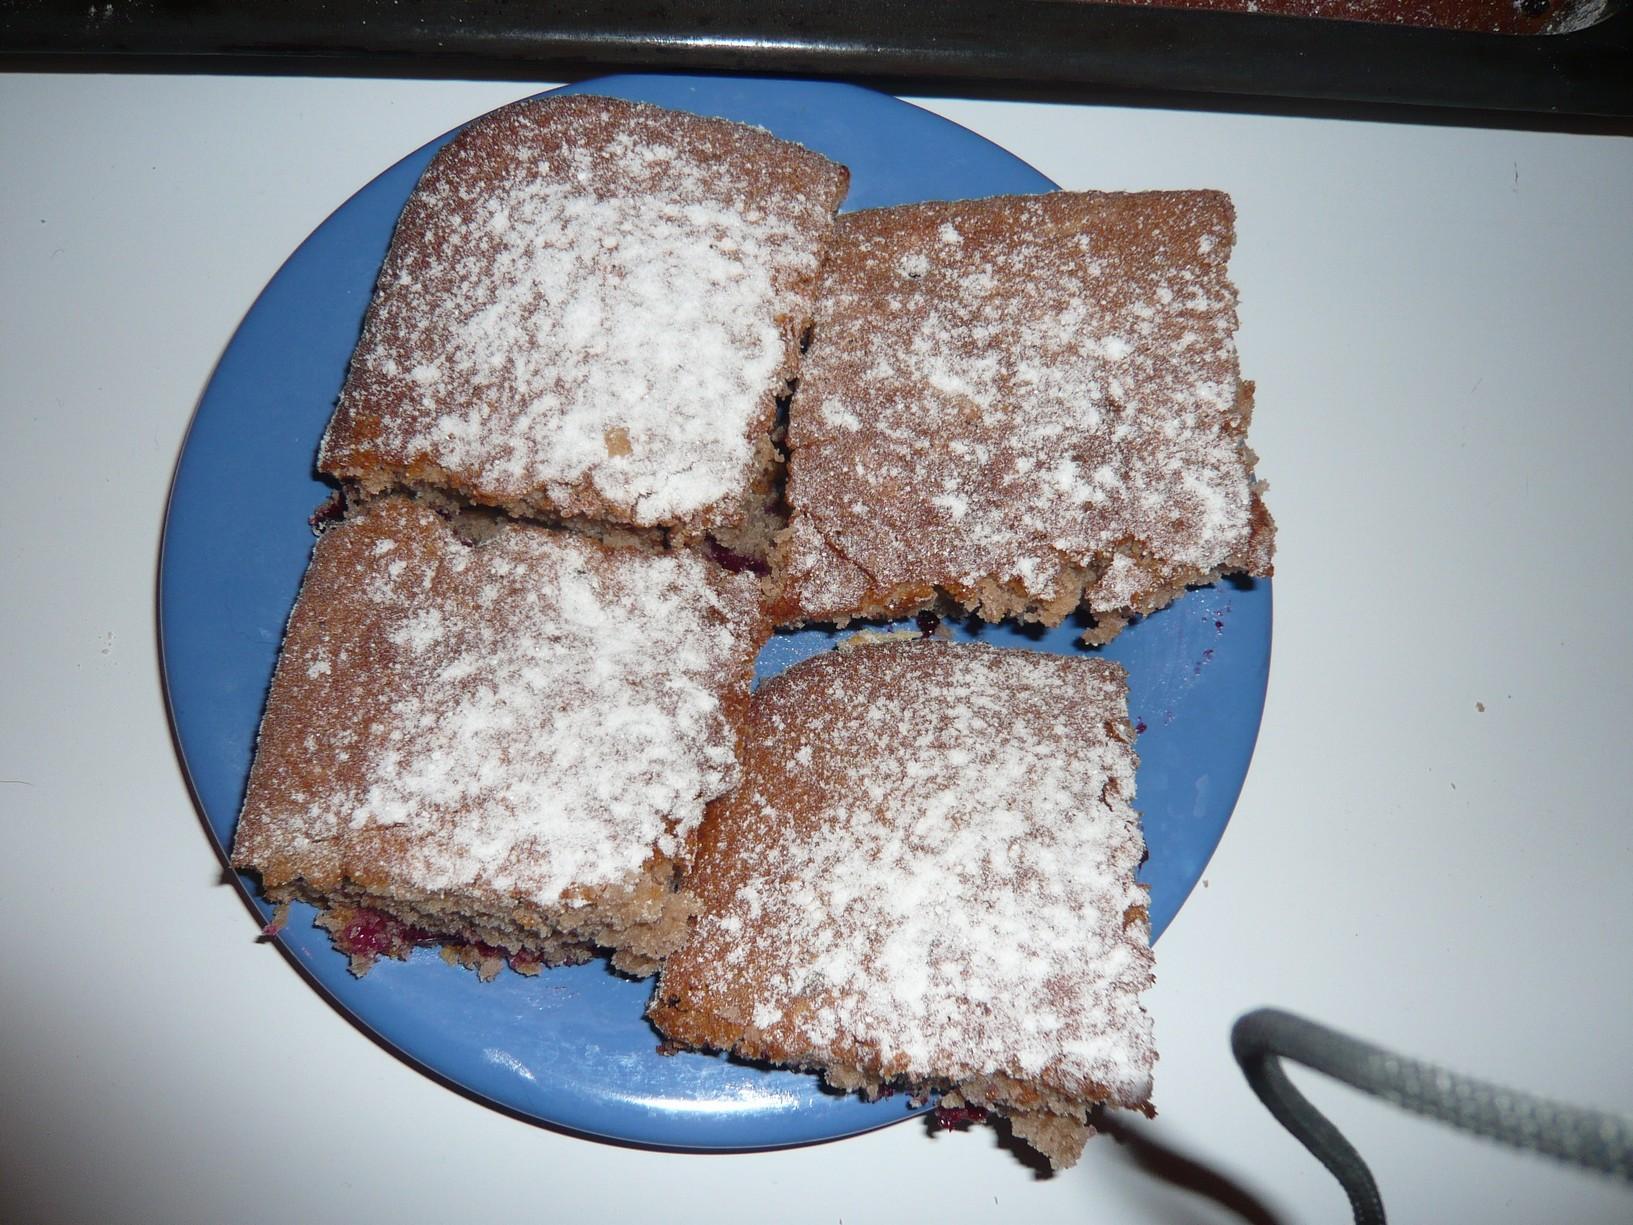 Recept Levná perníková buchta - Perníková buchta naporcovaná a posypaná cukrem.